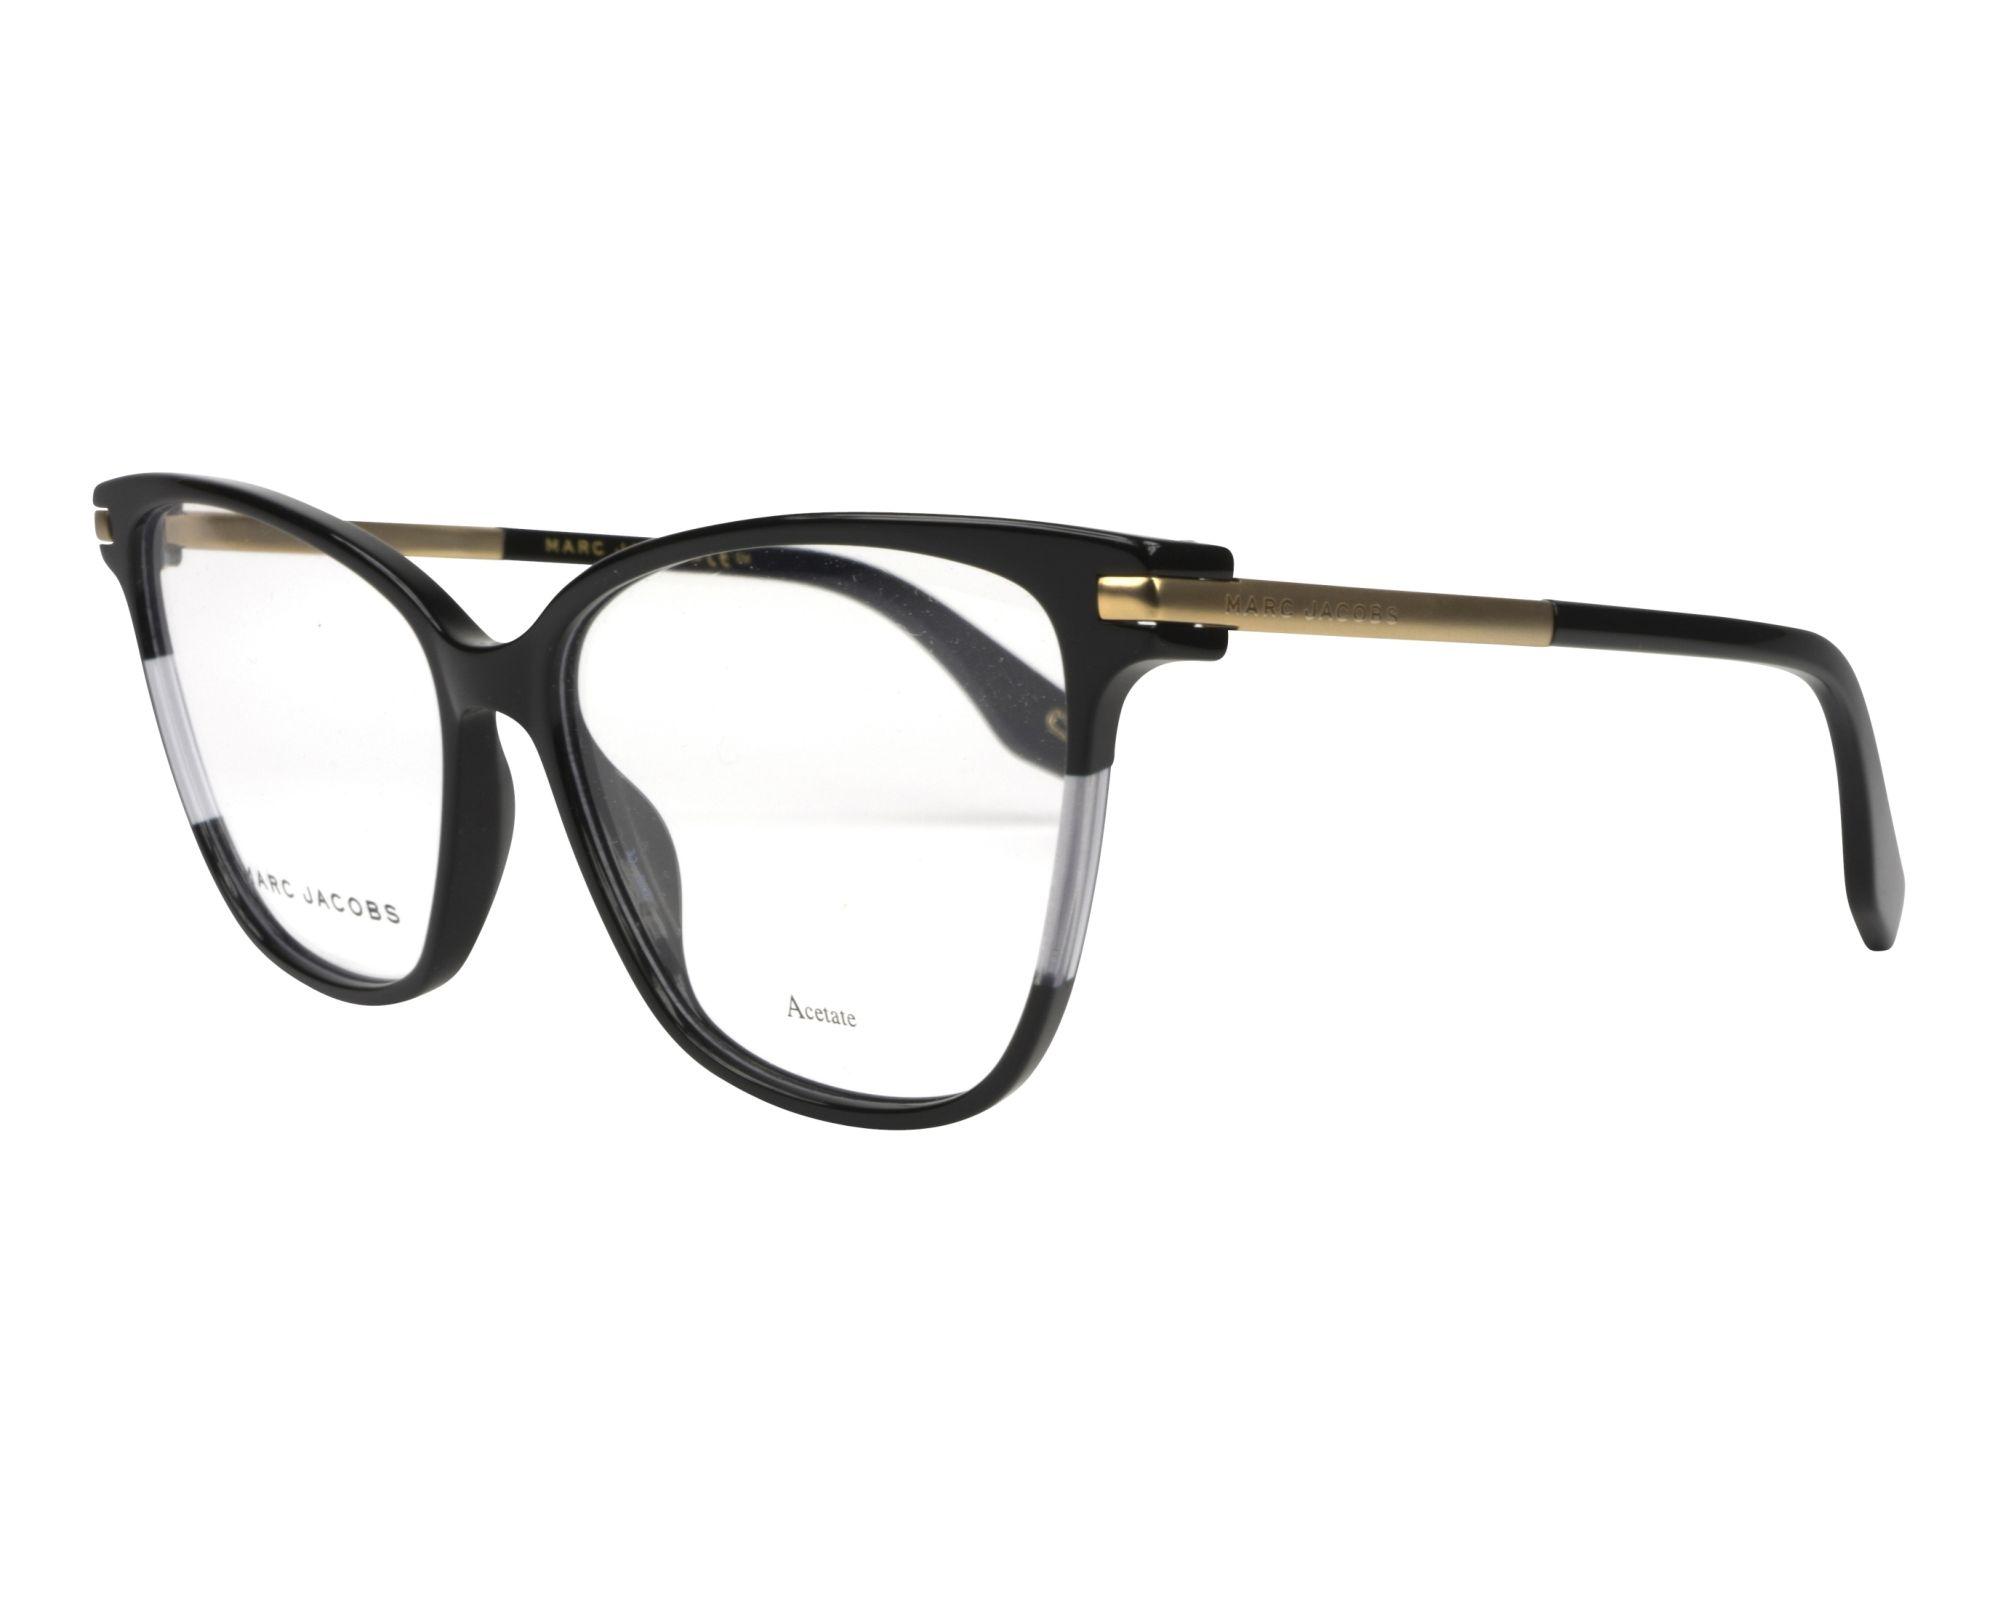 a45738c6a02a eyeglasses Marc Jacobs MARC-299 807 55-15 Black Gold profile view